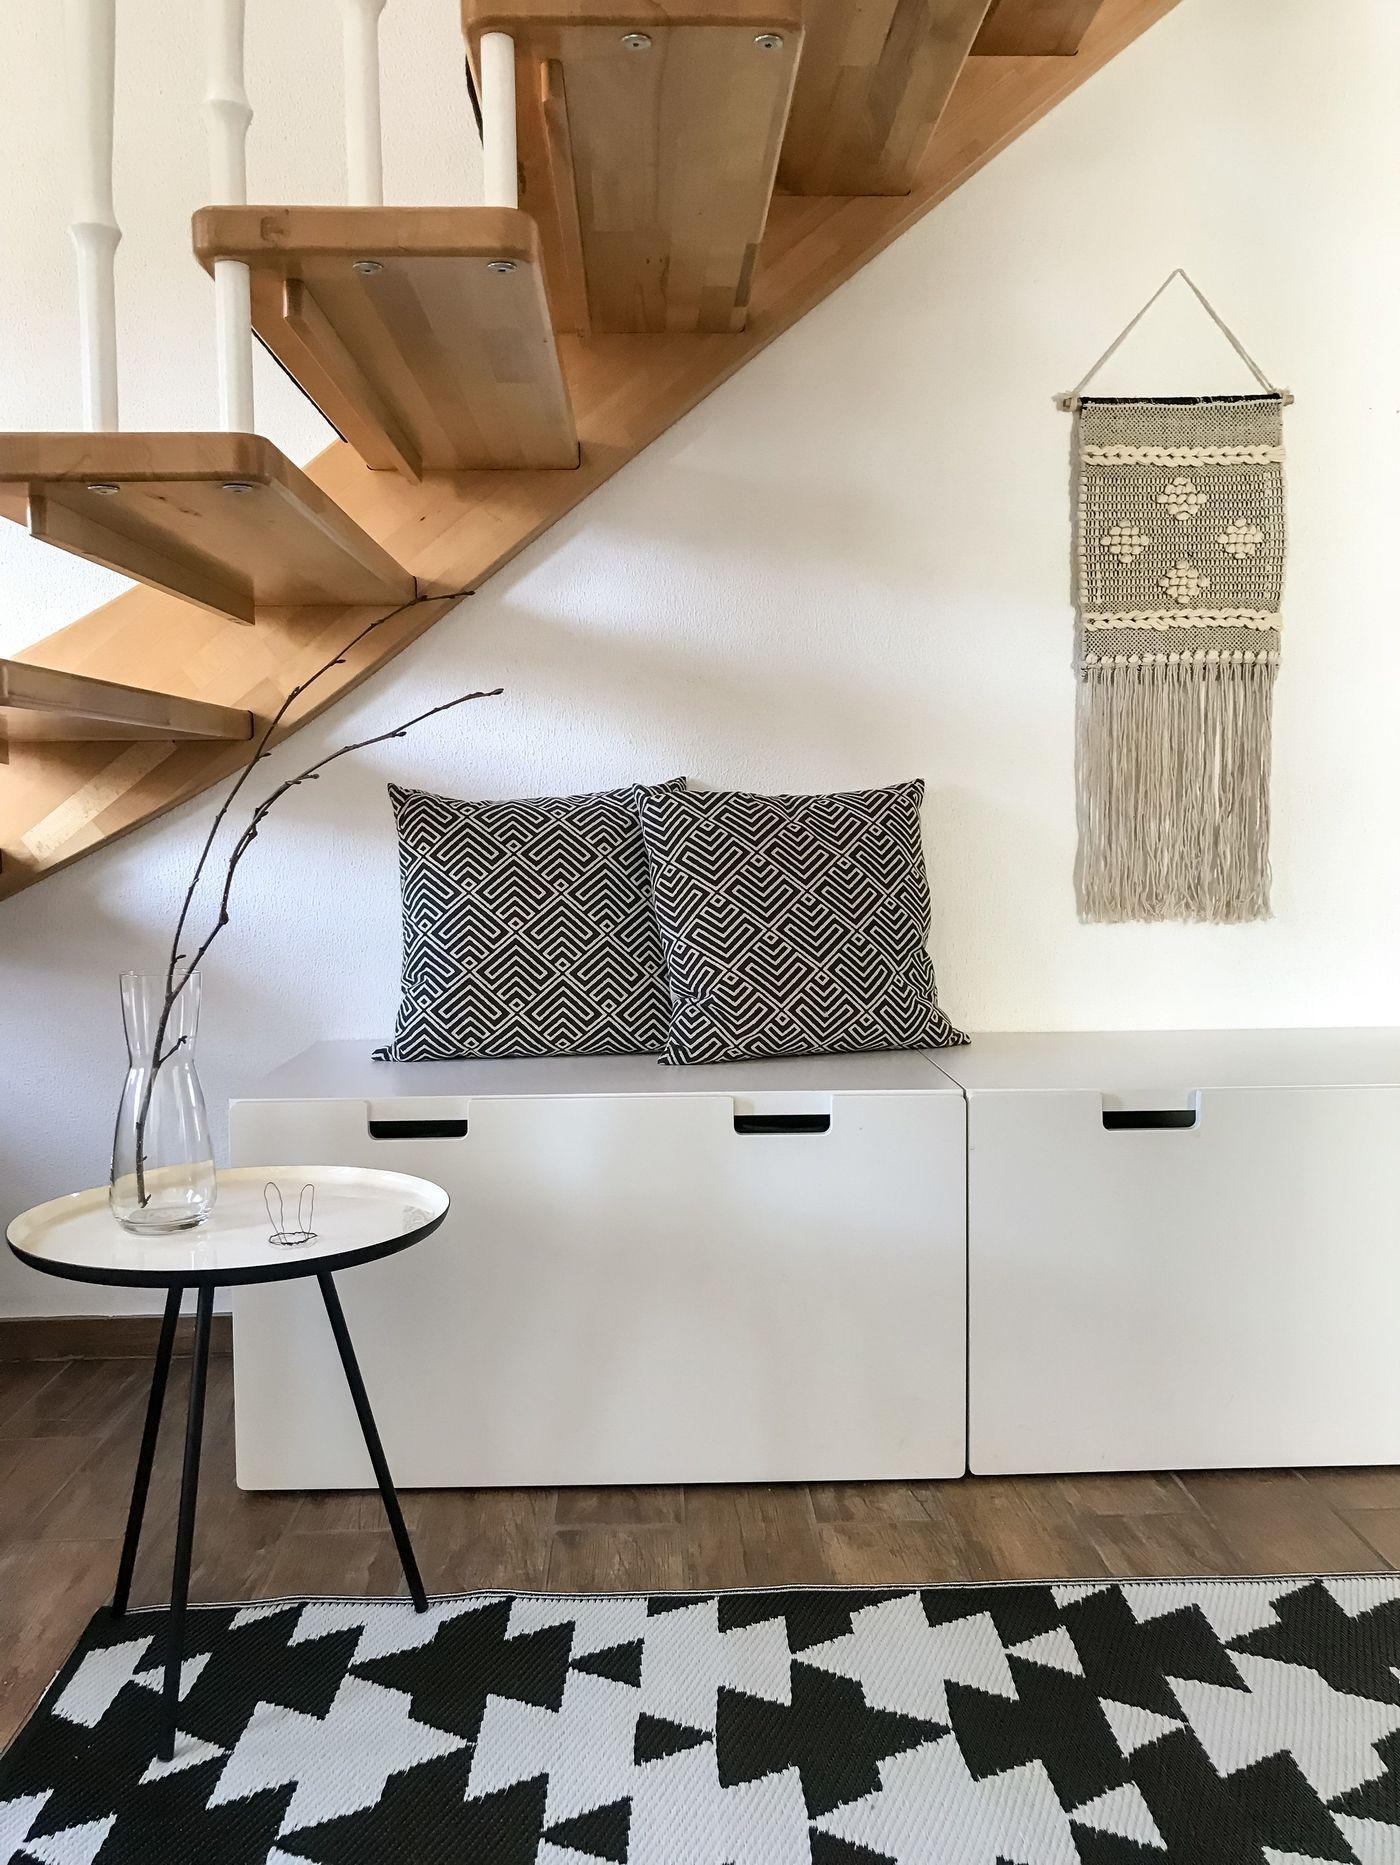 4319347-oh-neemakramee-1521484219 Frais De Ikea Meuble Bar Concept